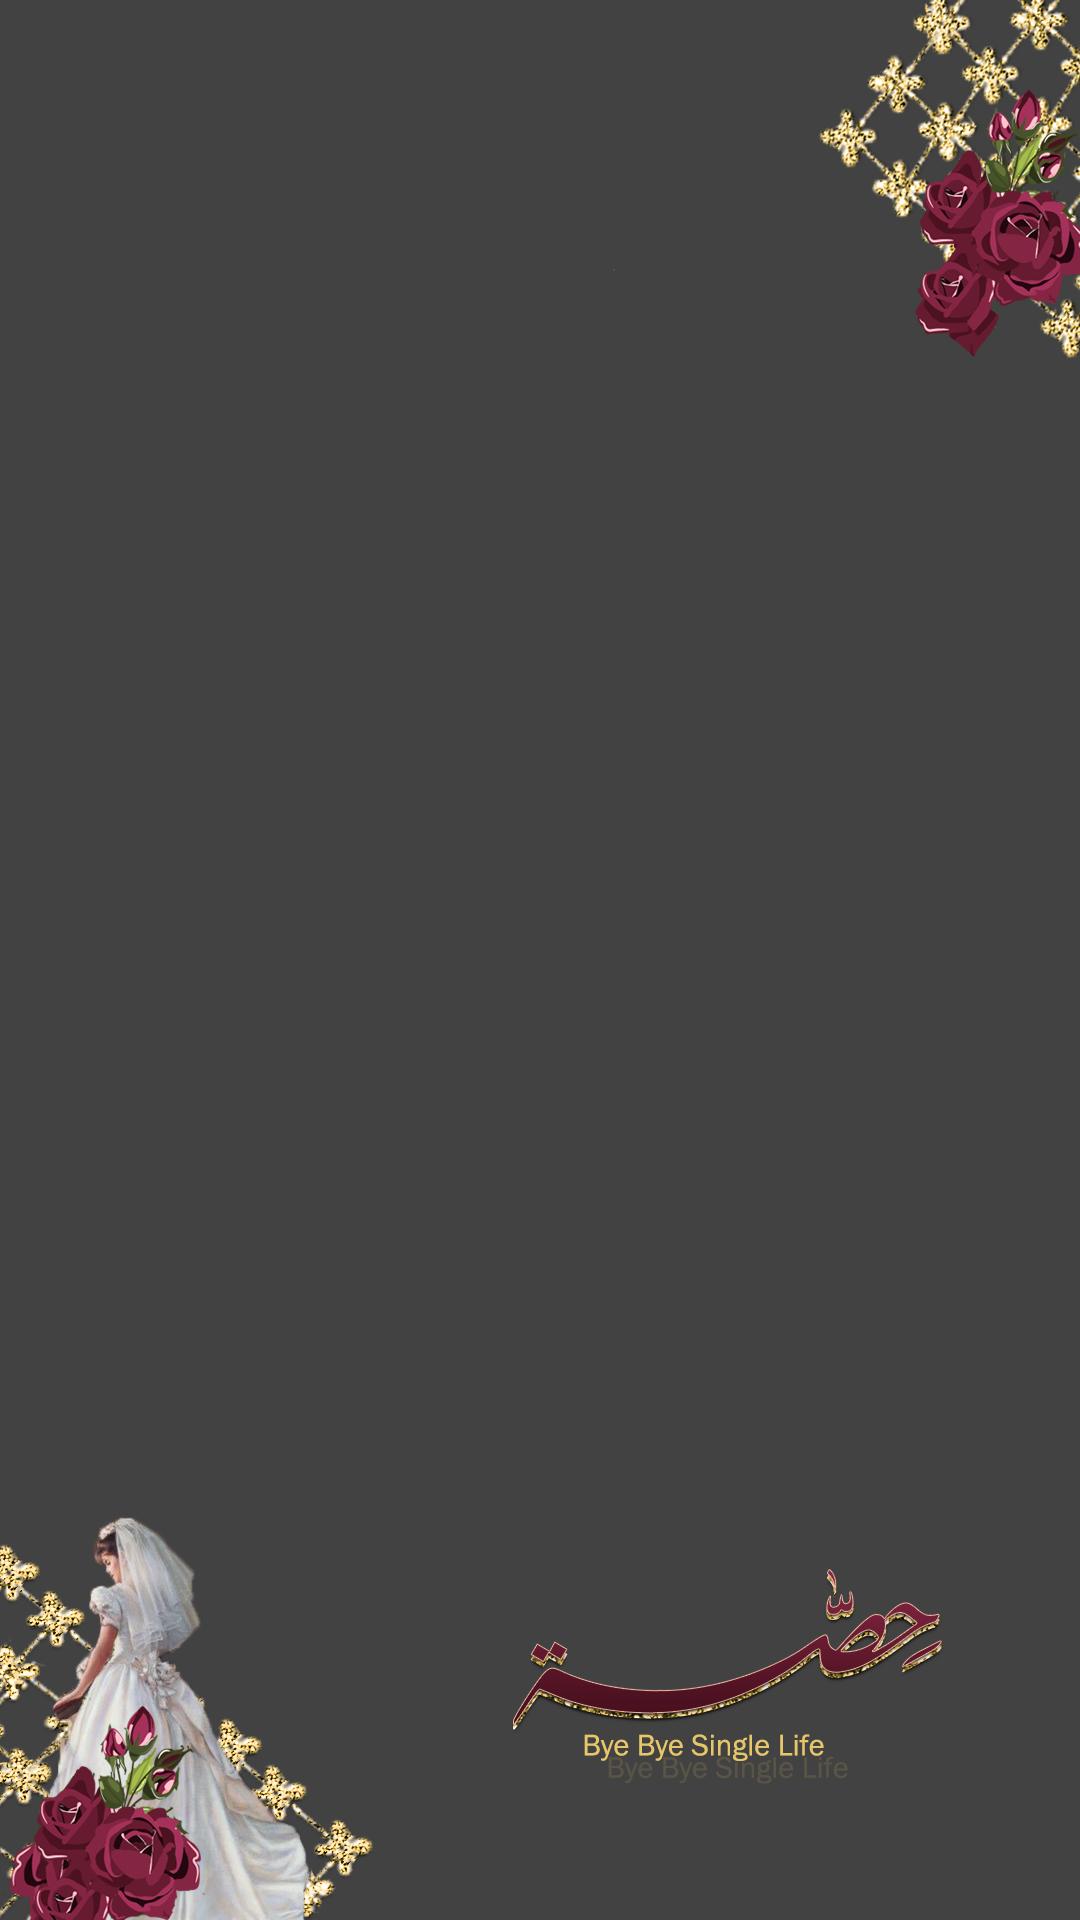 فلتر زواج Instagram Wallpaper Phone Wallpaper Images Black Background Wallpaper